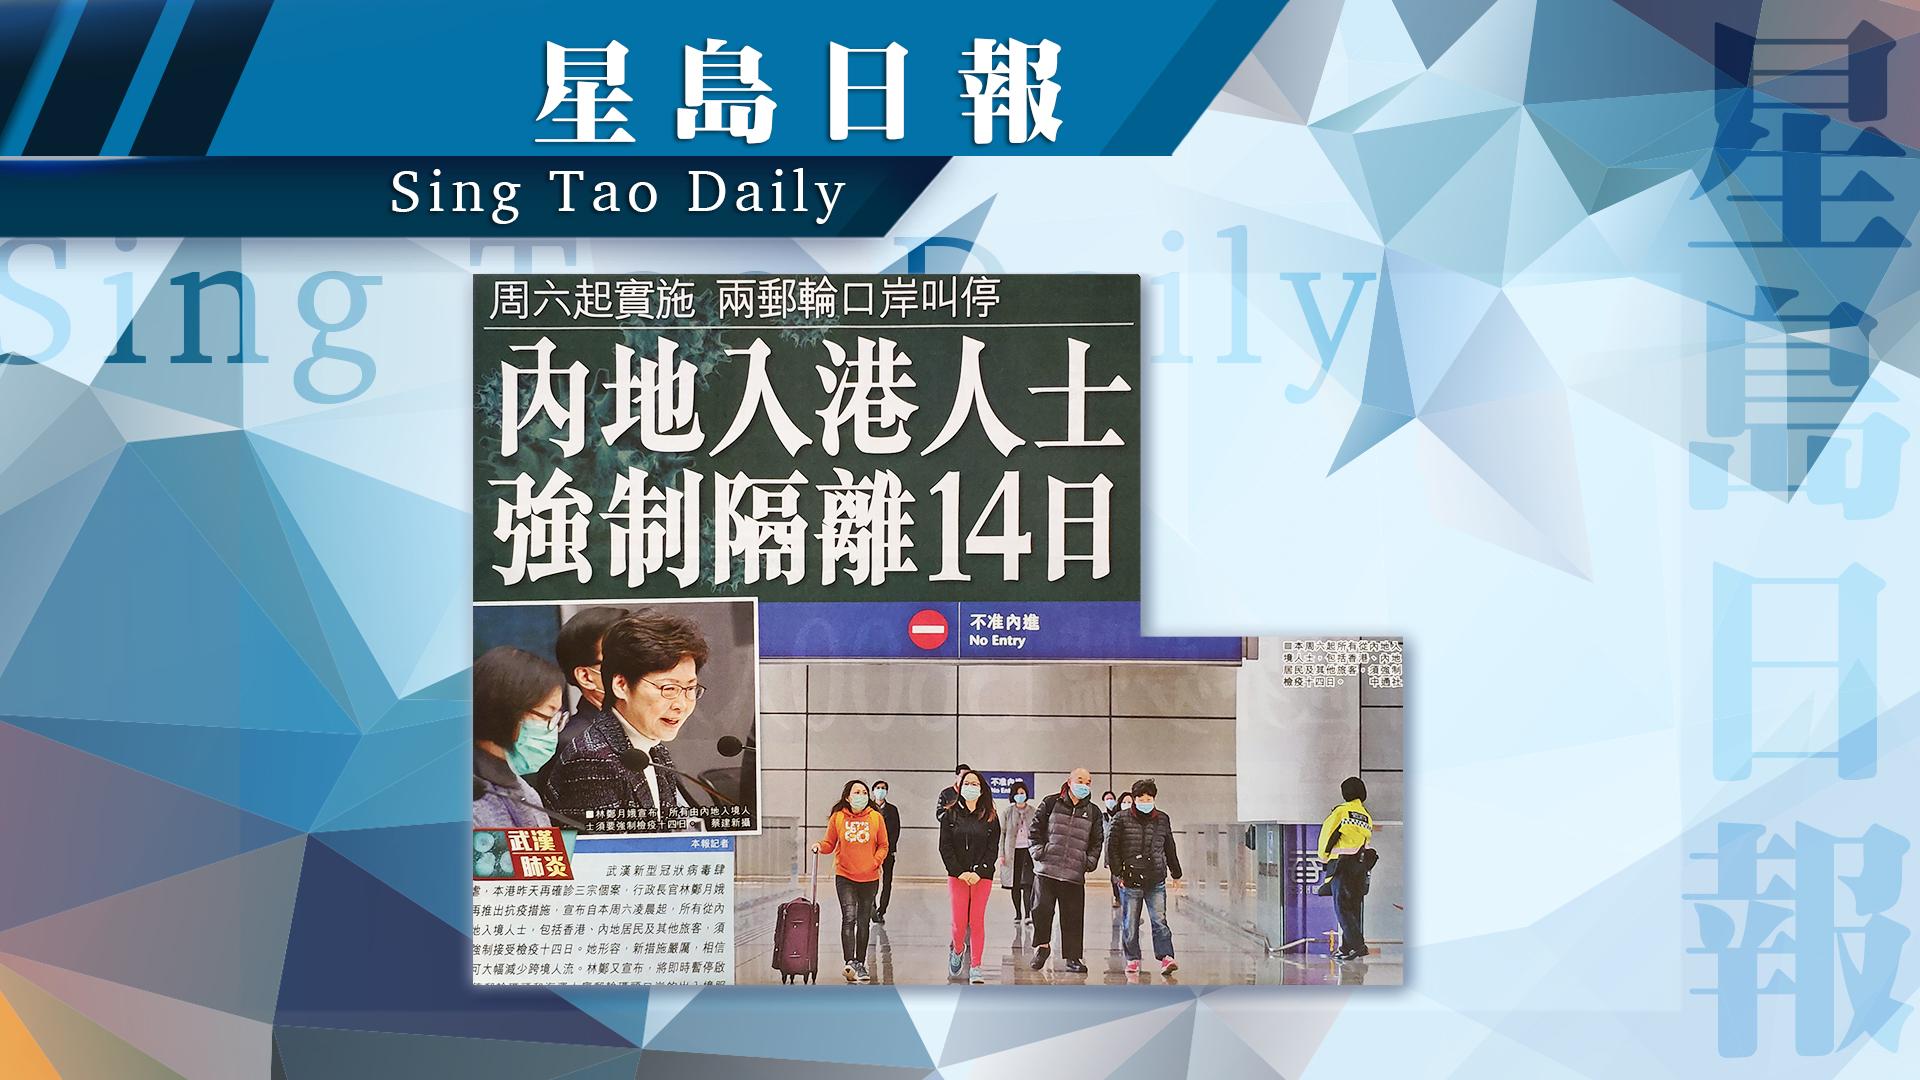 【報章A1速覽】內地入港人士 強制隔離14日;2‧8生效兩日空窗 專家議員指措施兩漏洞